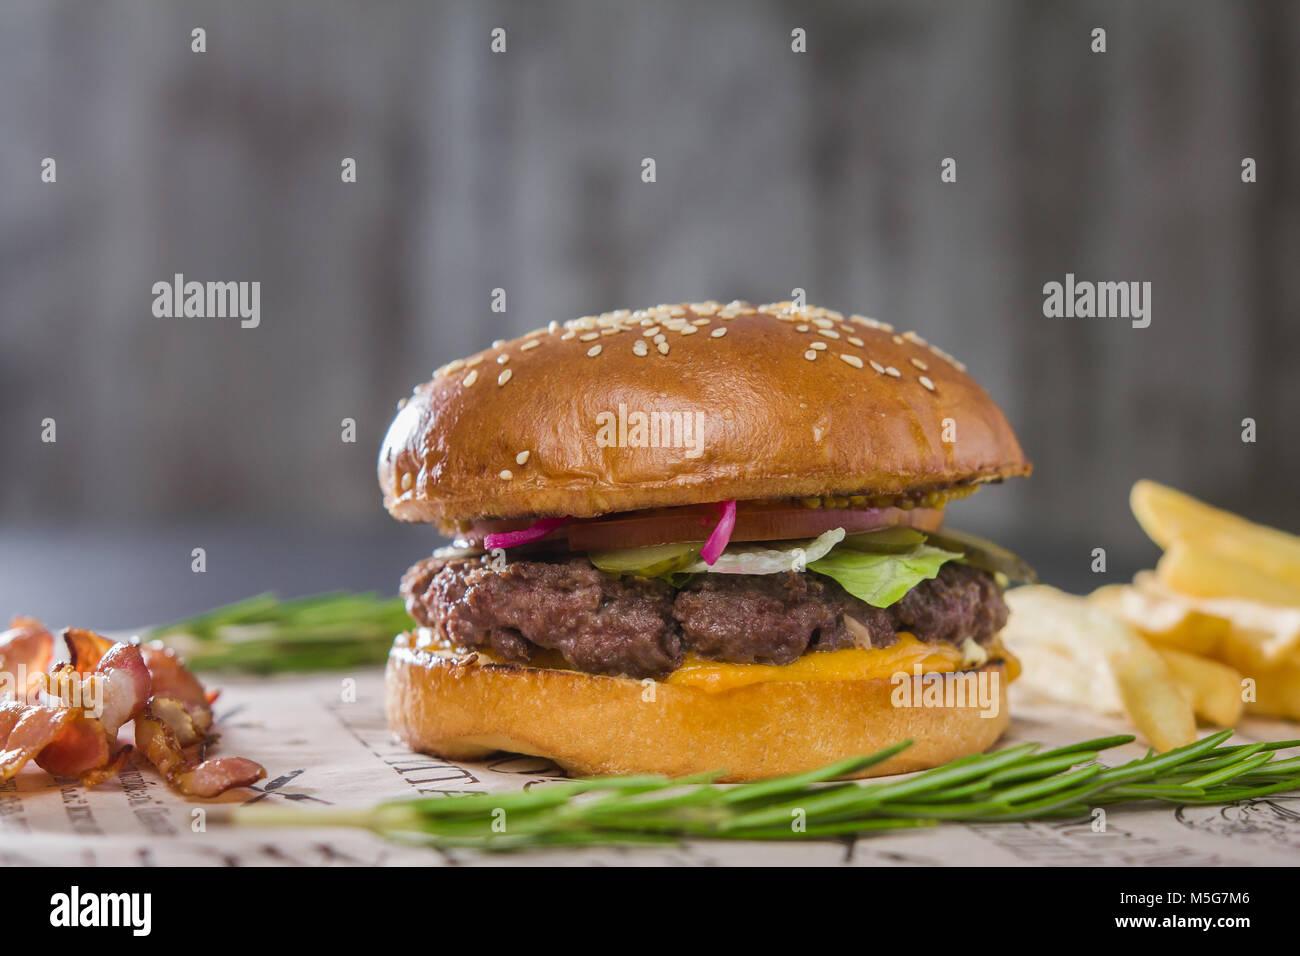 Burger con patate sul tagliere, teleobiettivo Immagini Stock